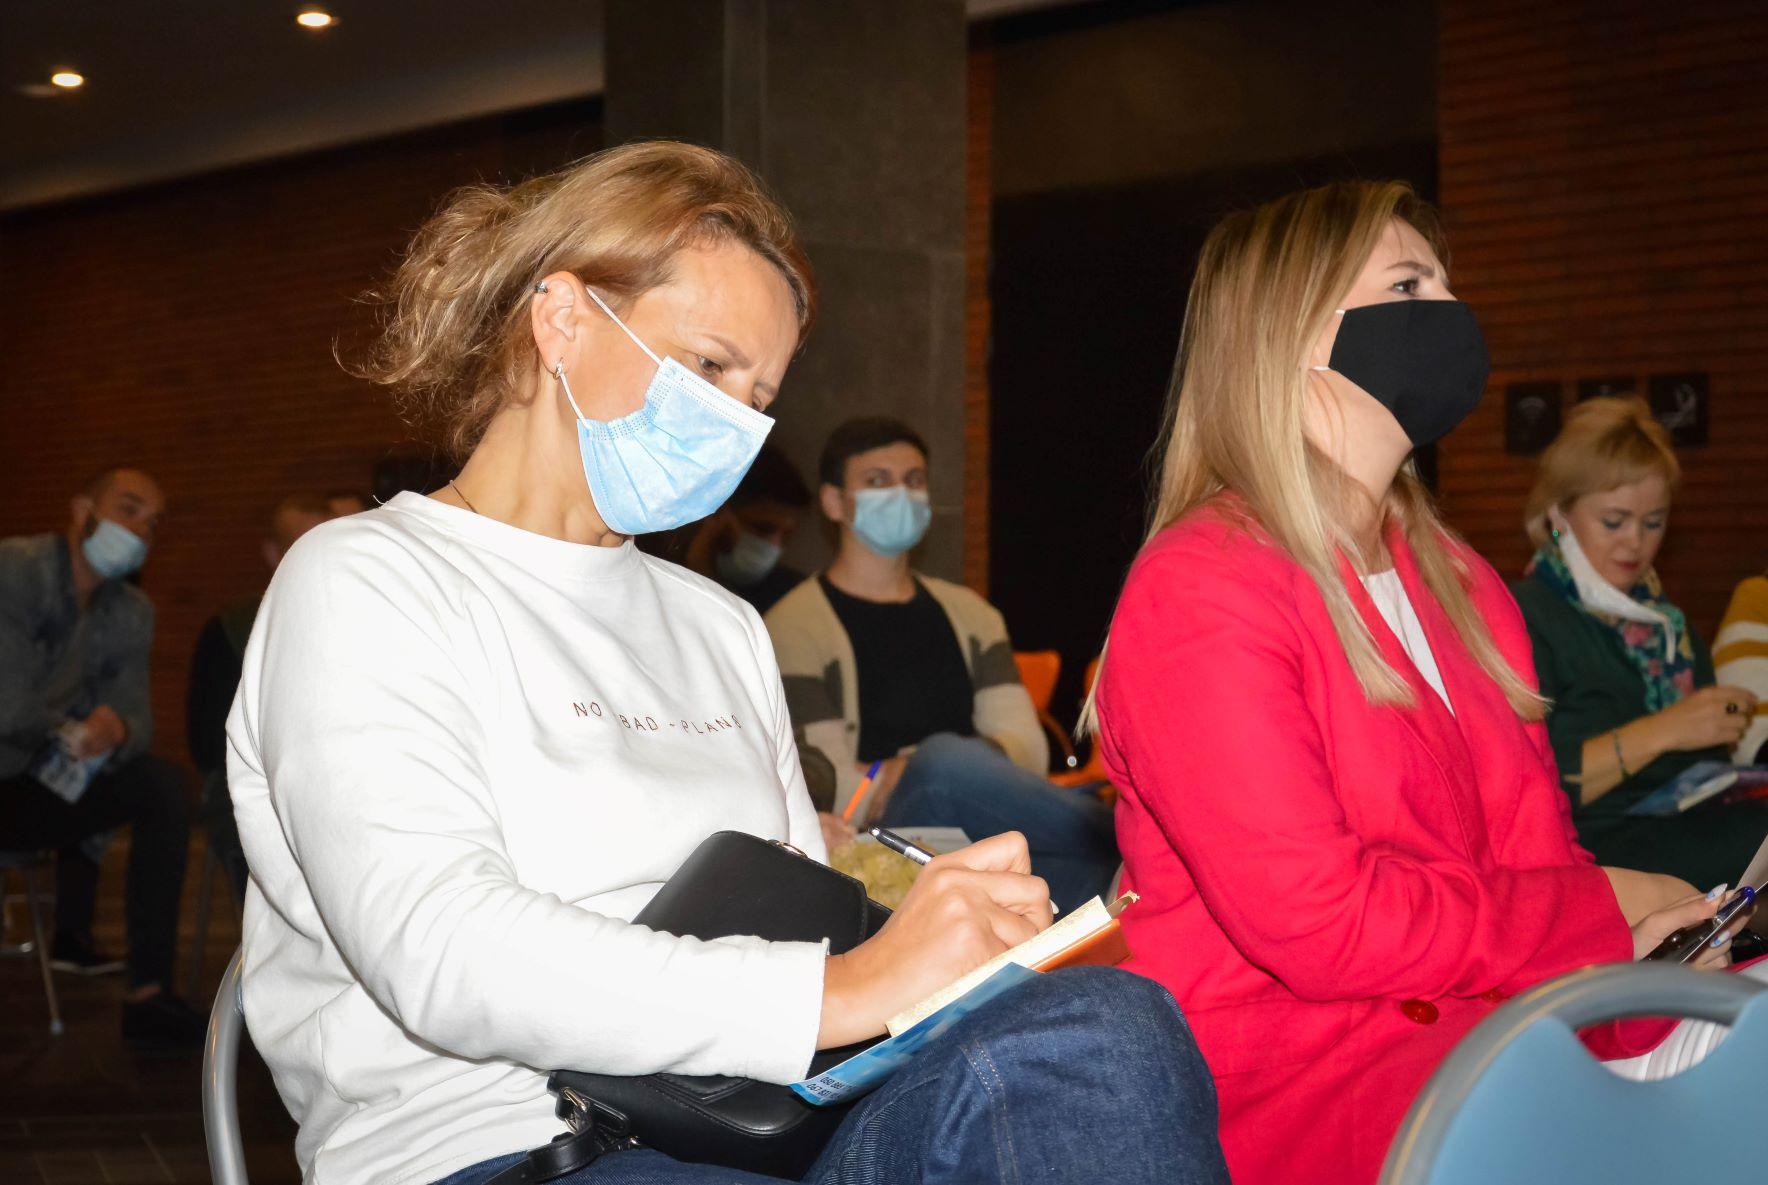 ЦБТ провів актуальну дискусійну панель в Чернівцях - 13 фото